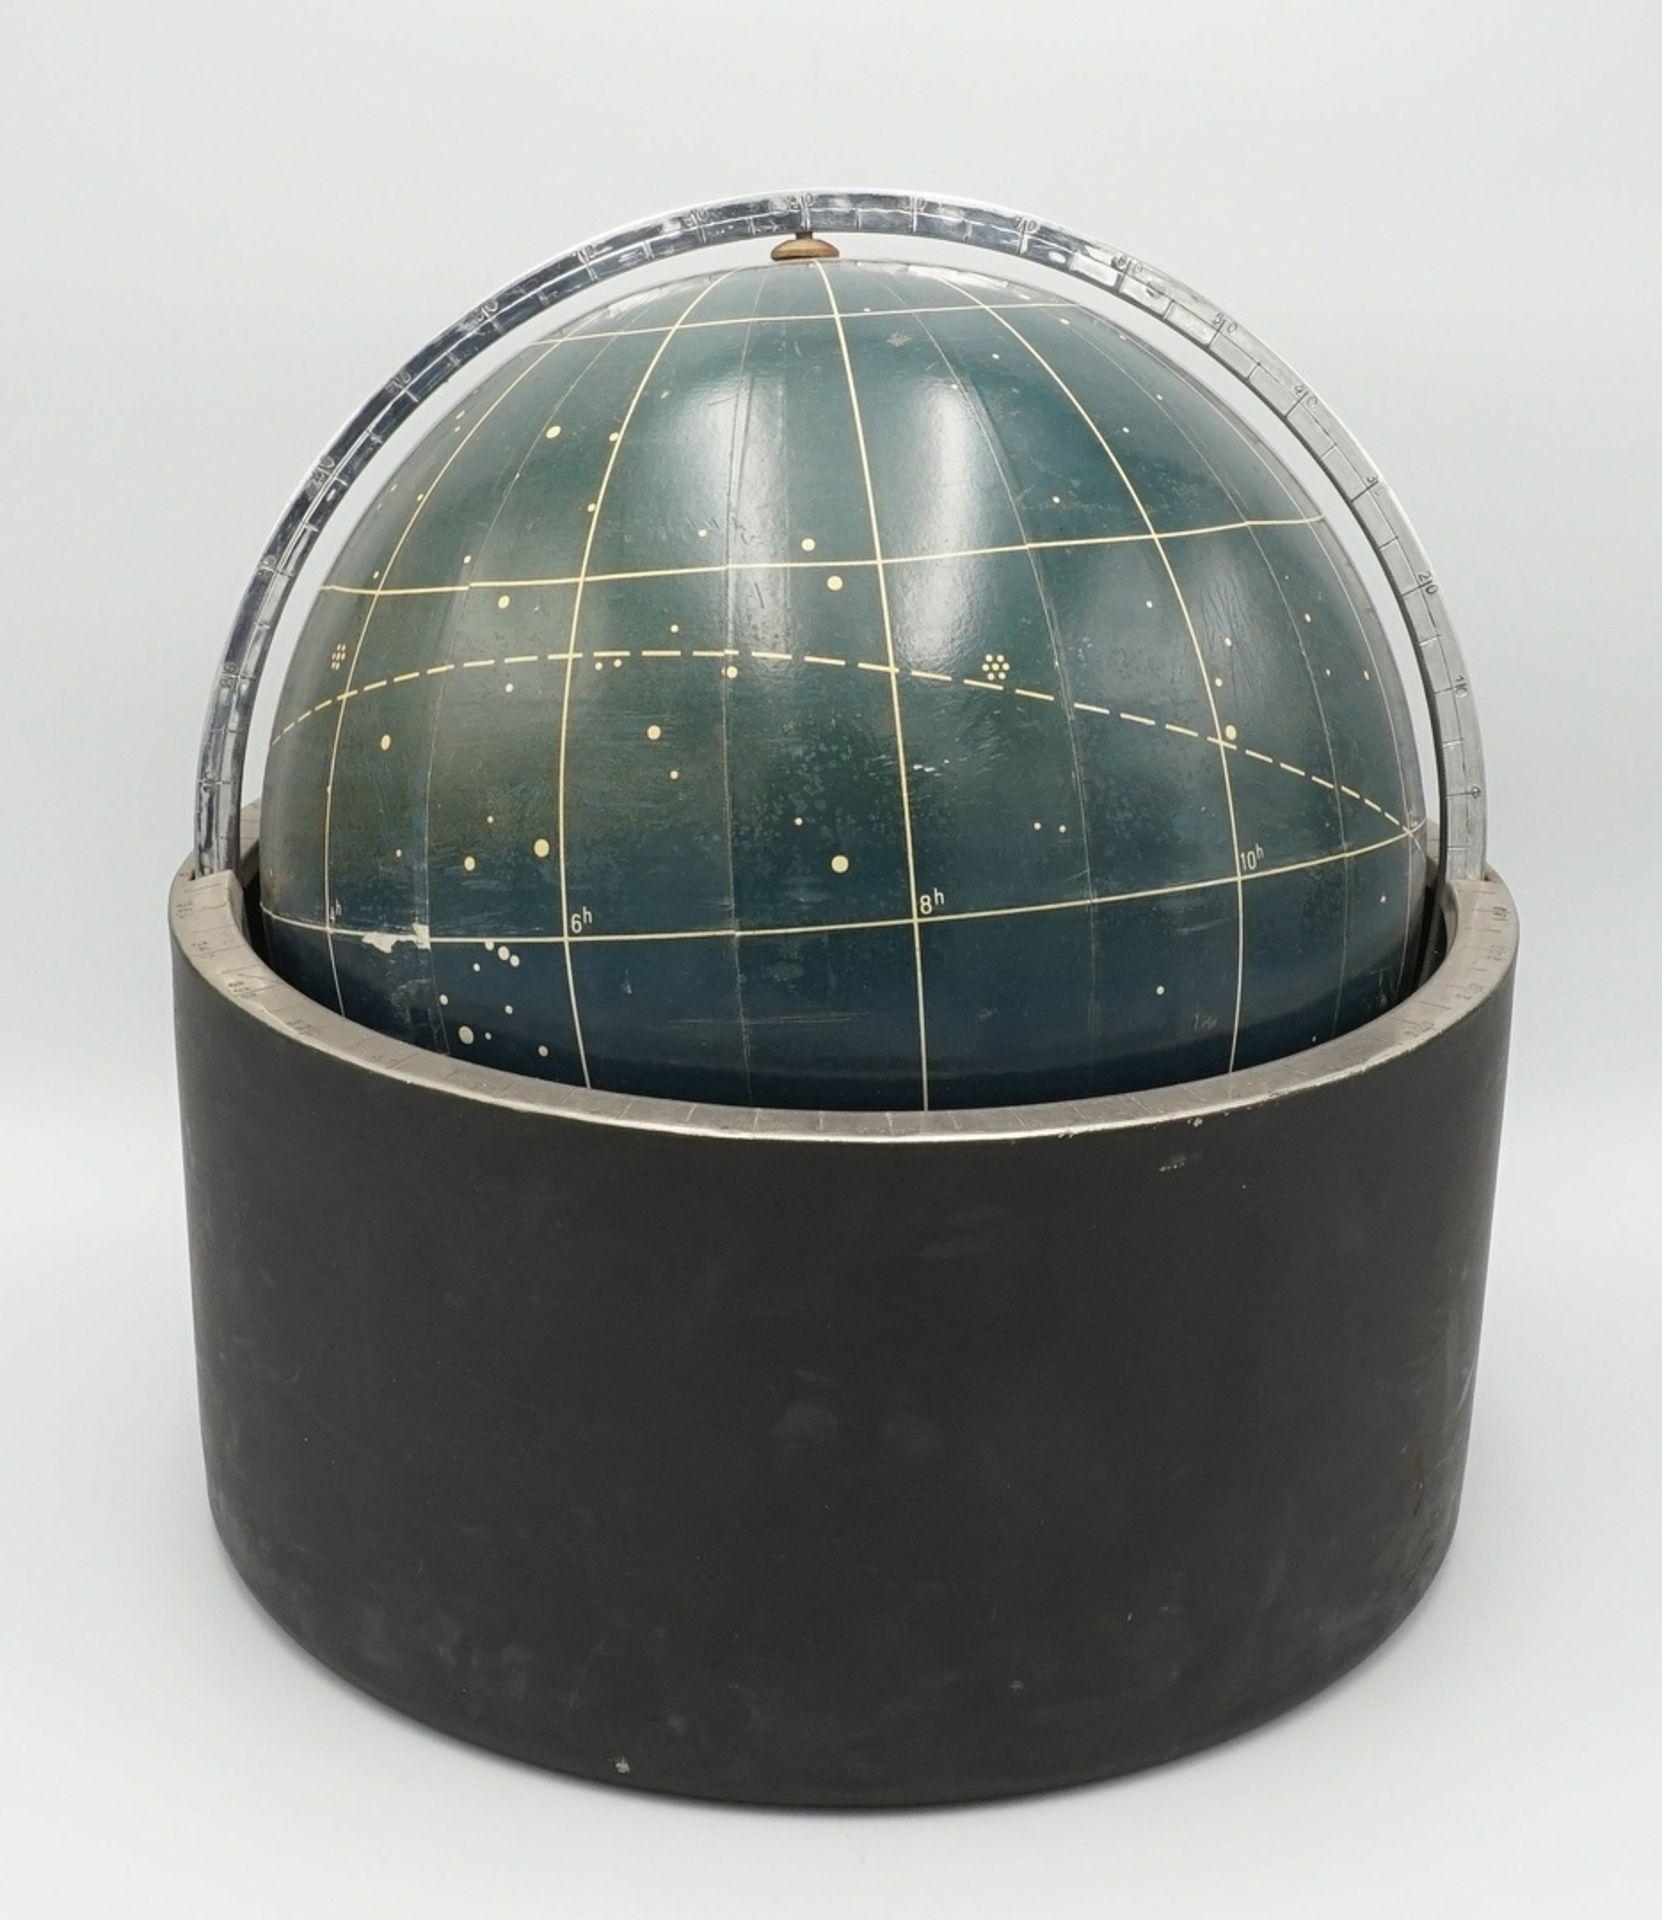 Himmelsglobus von Erich Bartl, wohl um 1970